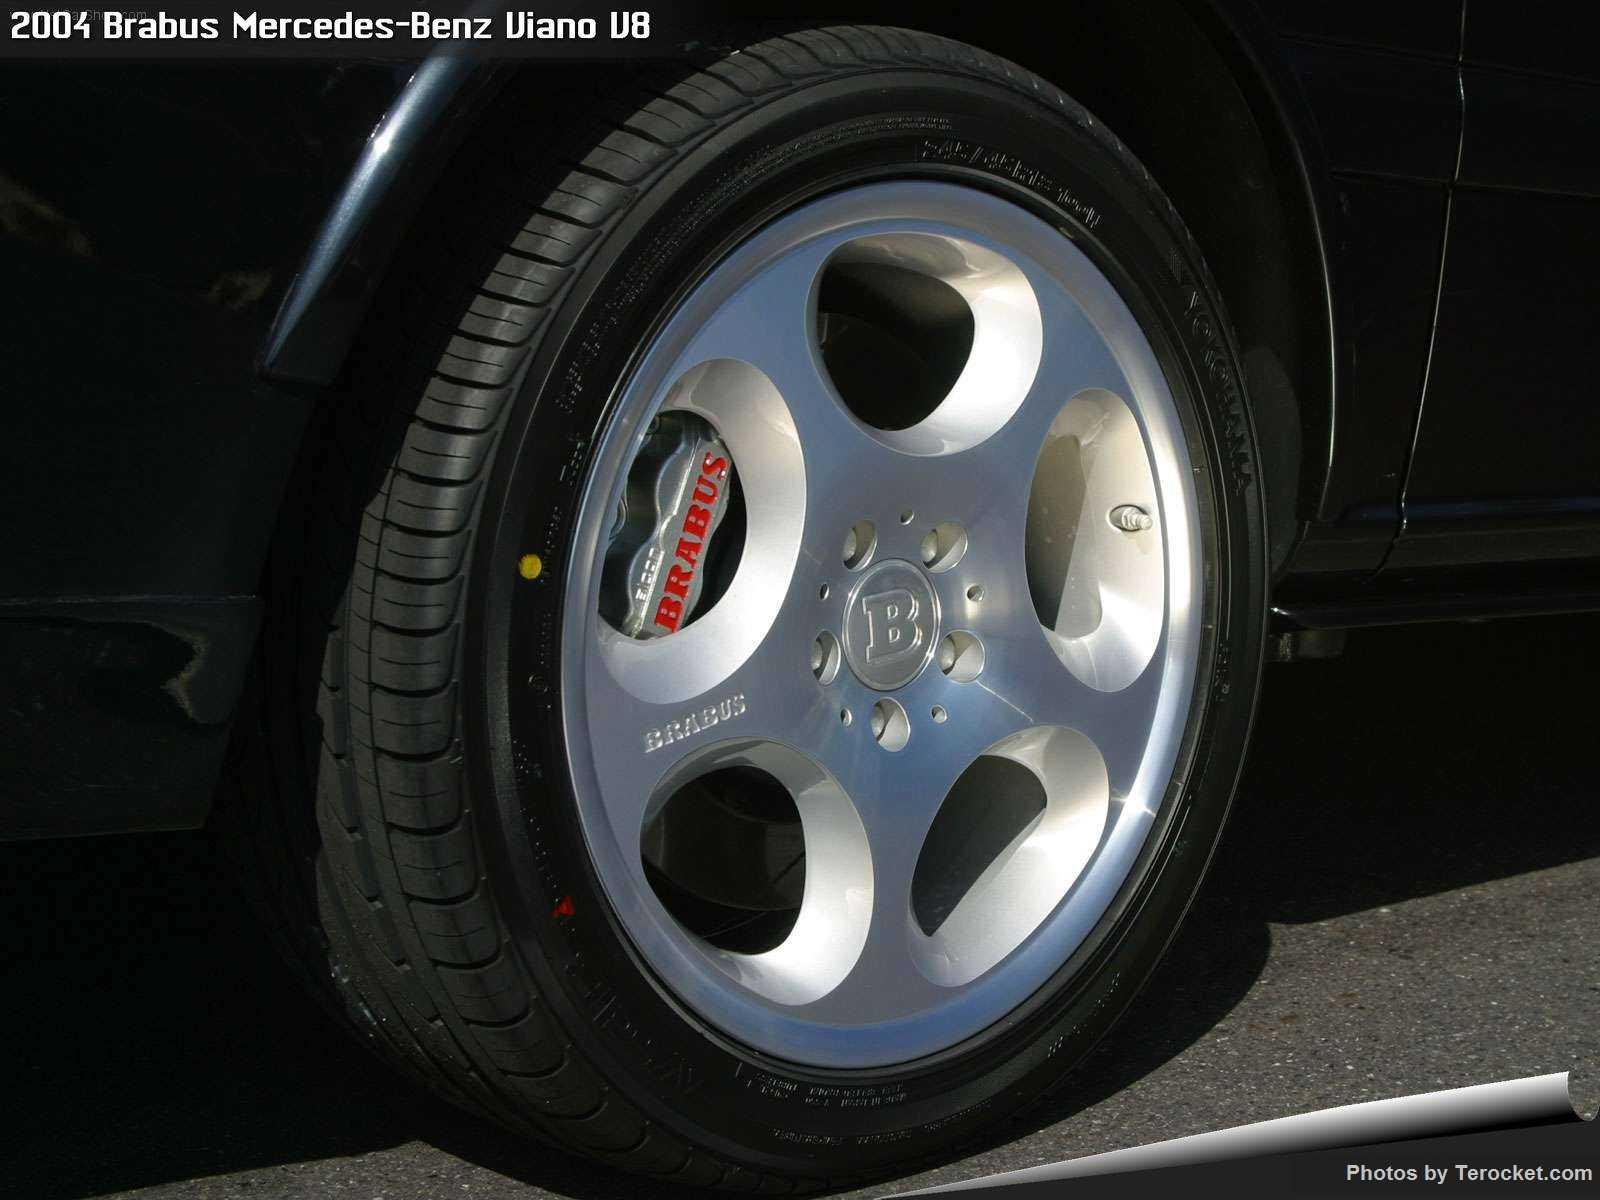 Hình ảnh xe ô tô Brabus Mercedes-Benz Viano V8 2004 & nội ngoại thất